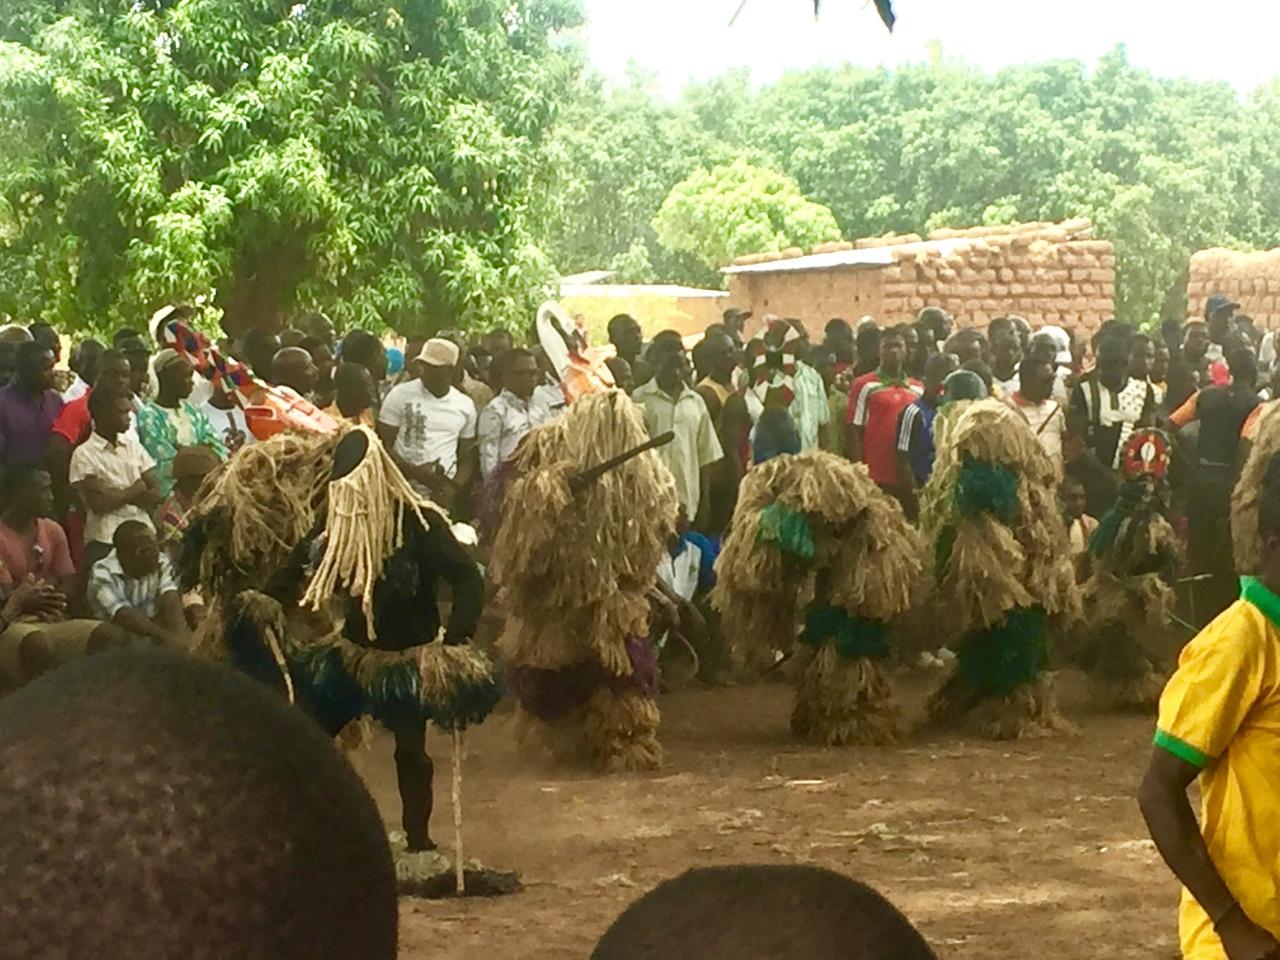 Ceremonia con Máscaras en una aldea de Burkina Faso